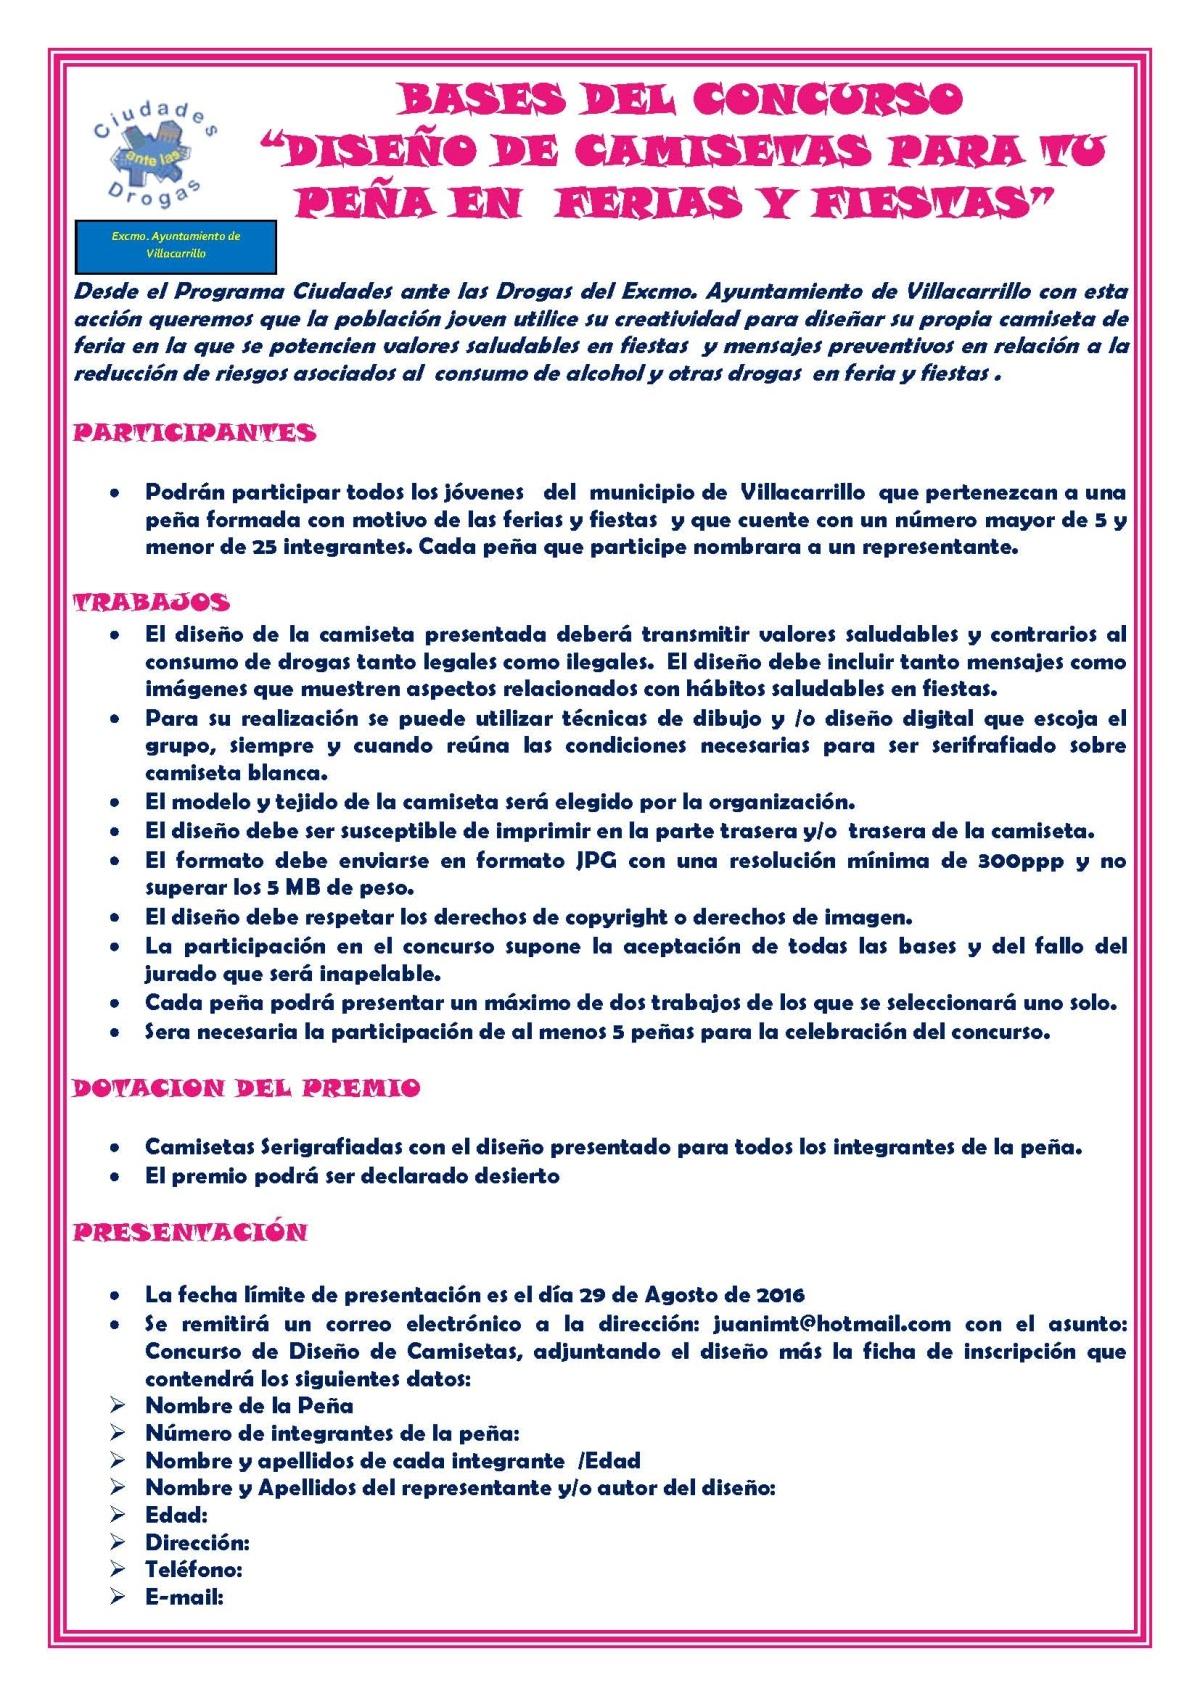 BASES_DEL_CONCURSO_CAMISETA_PExAS_2016_Pxgina_1